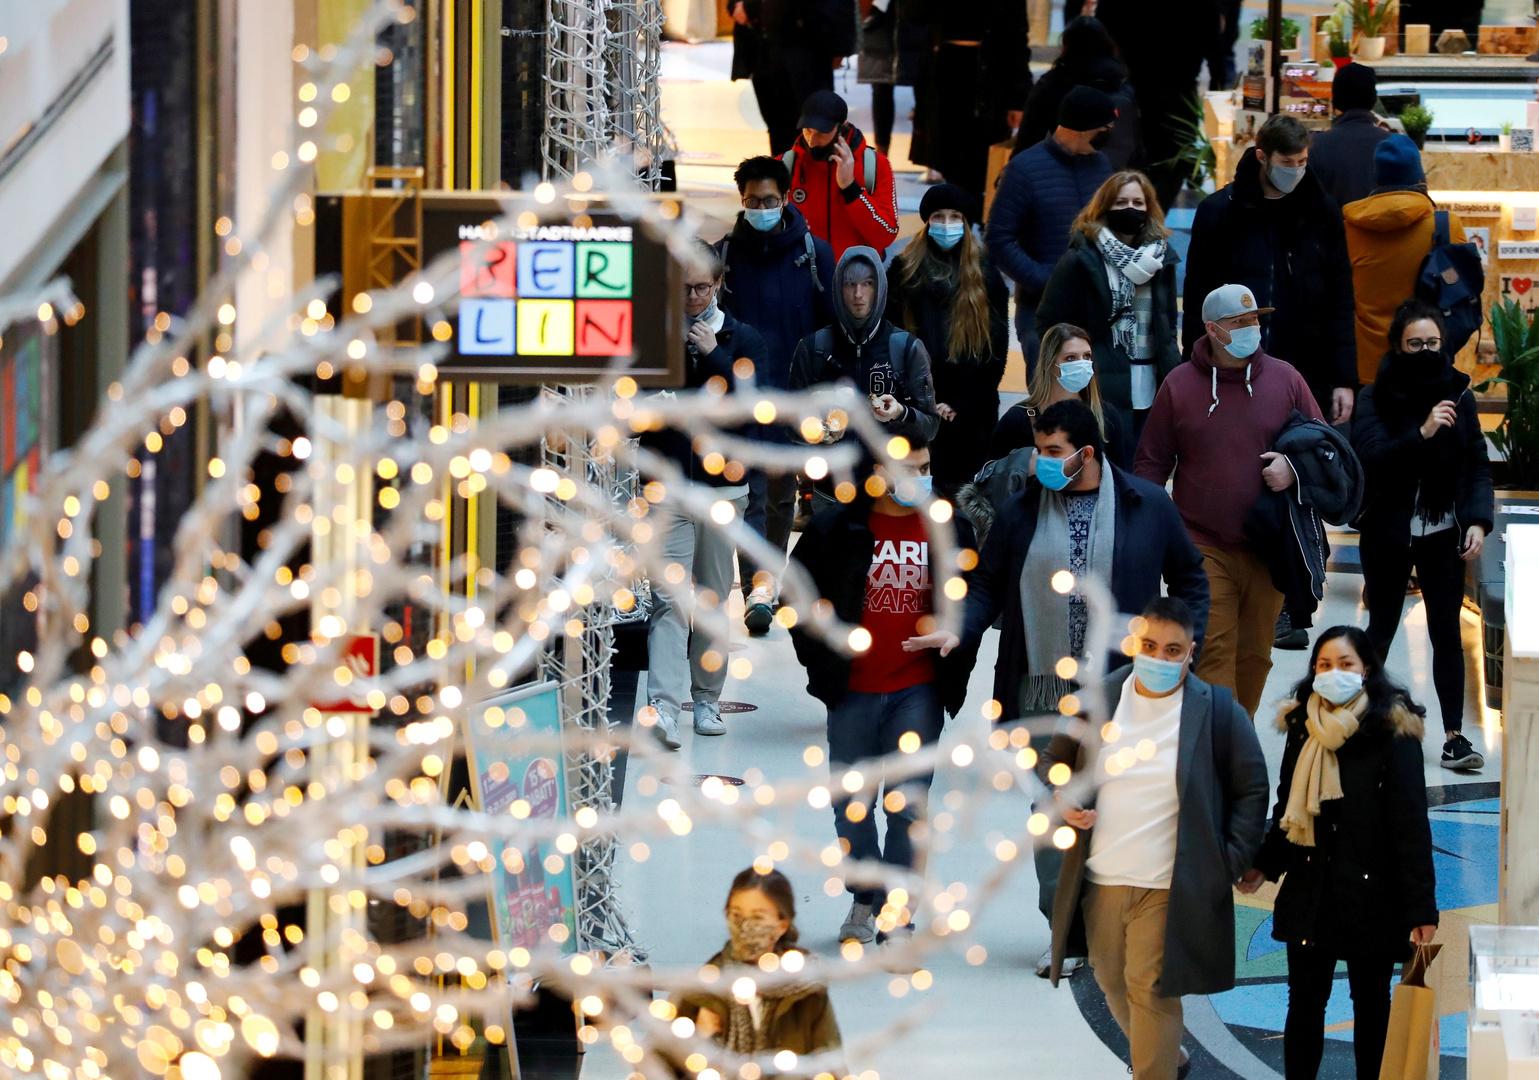 مواطنون ألمان يرتدون كمامات أثناء سيرهم بجانب زينة عيد الميلاد في العاصمة برلين في ظل تفشي فيروس كورونا